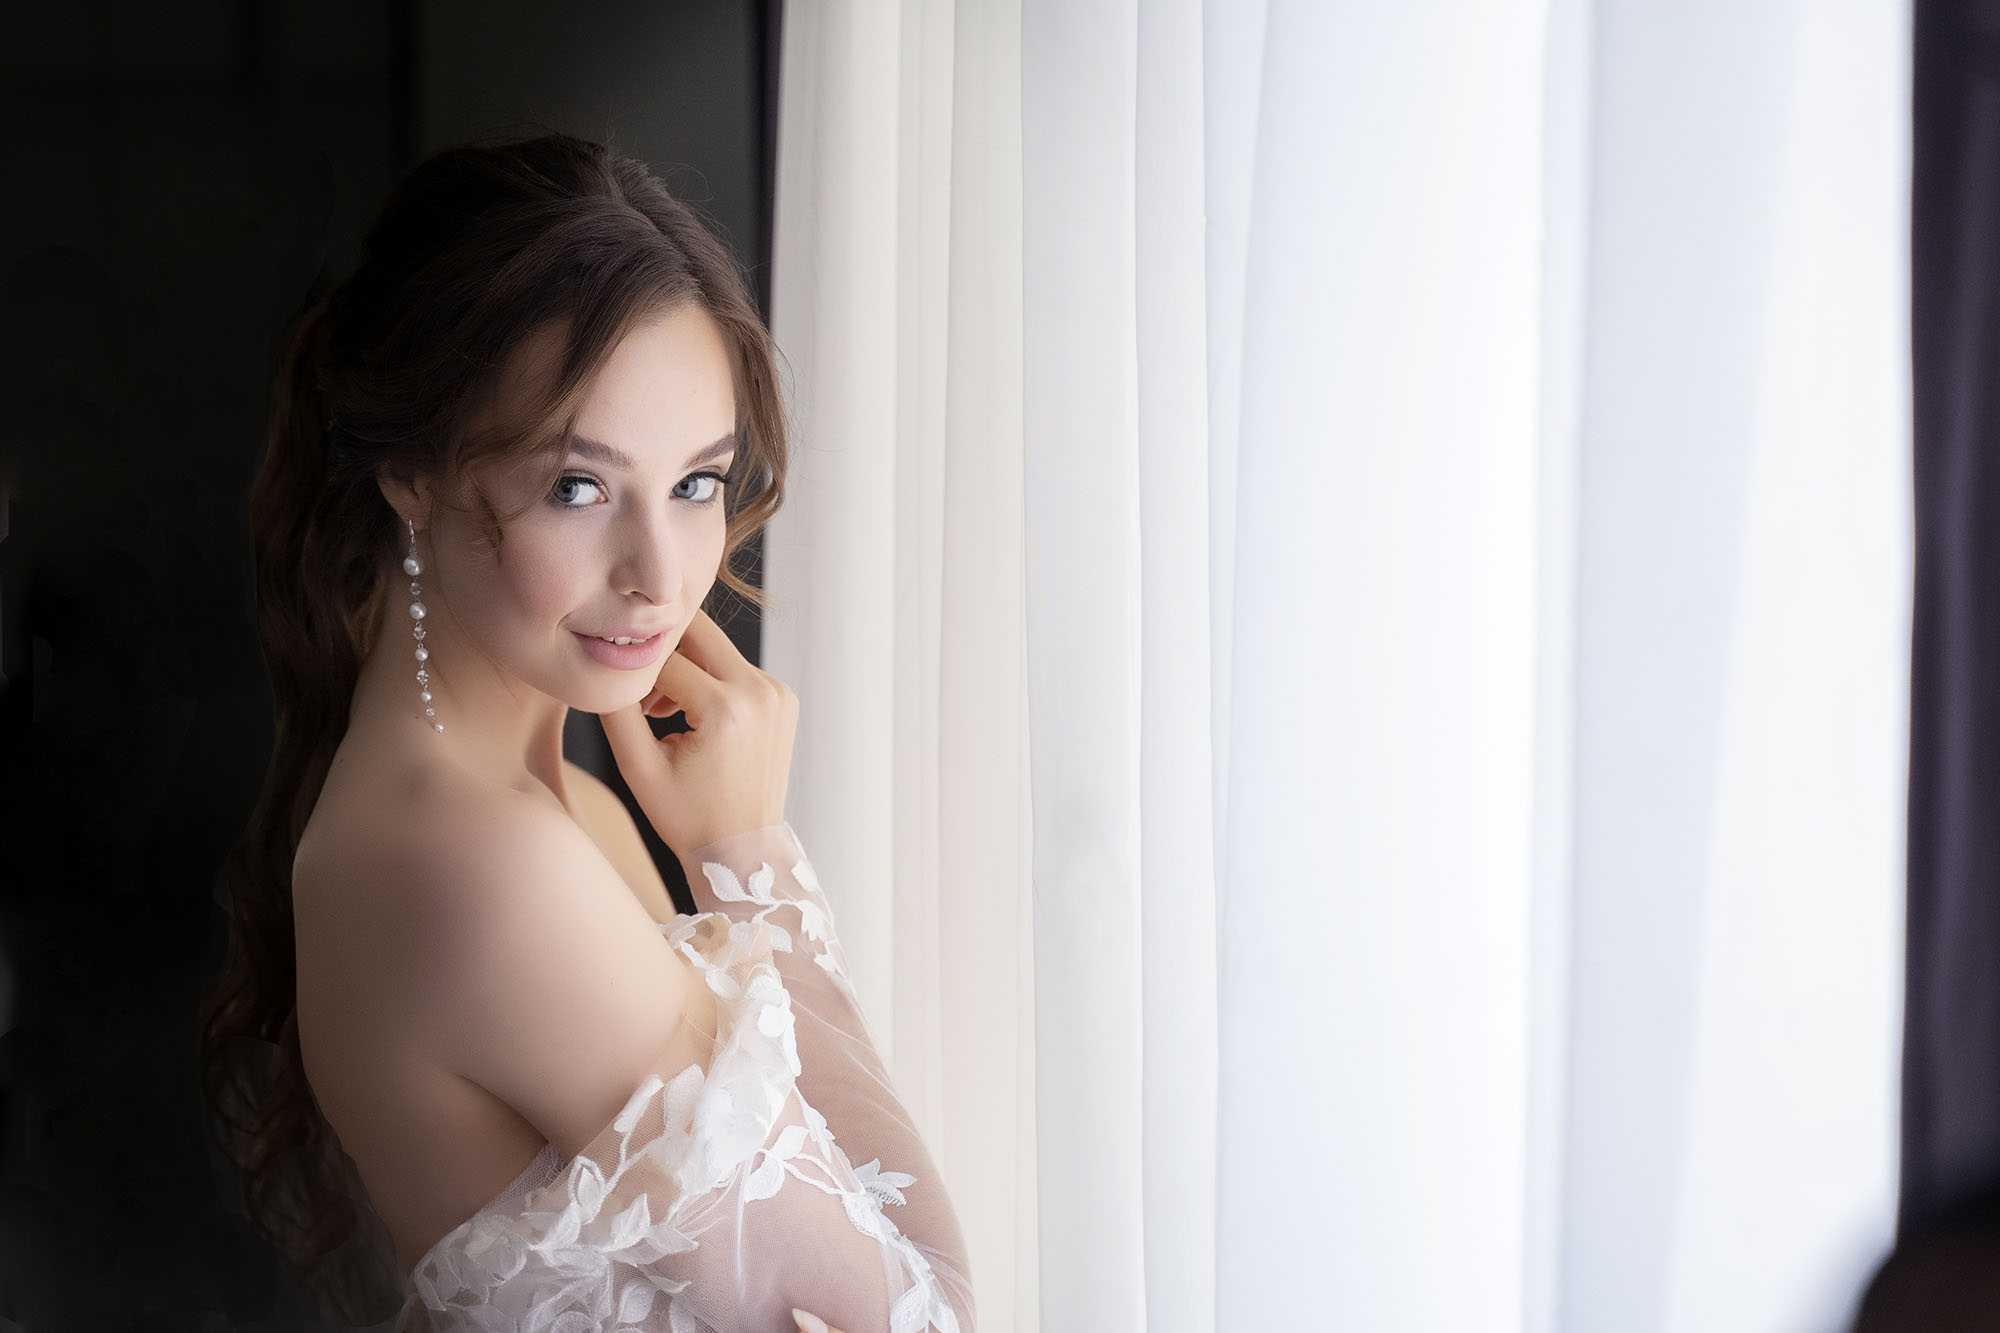 утро невесты фотосъемка фотограф Алексей Никольский